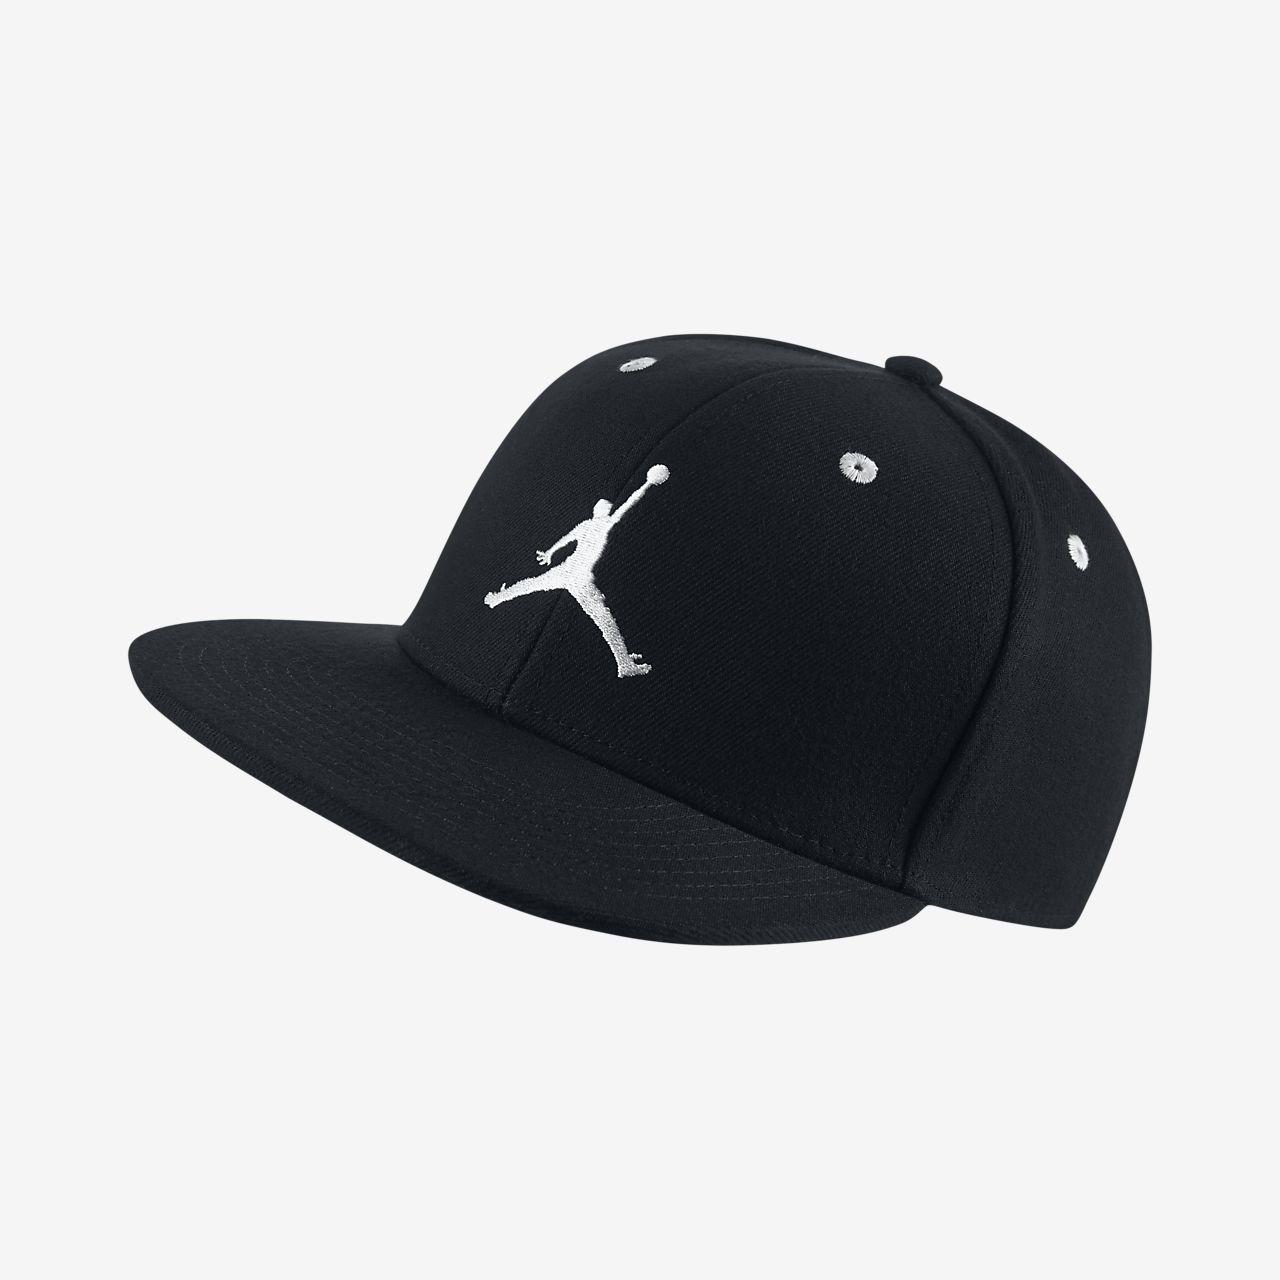 5f77de7524c1 ... best price jordan jumpman kids adjustable hat fa5cc e0e0e